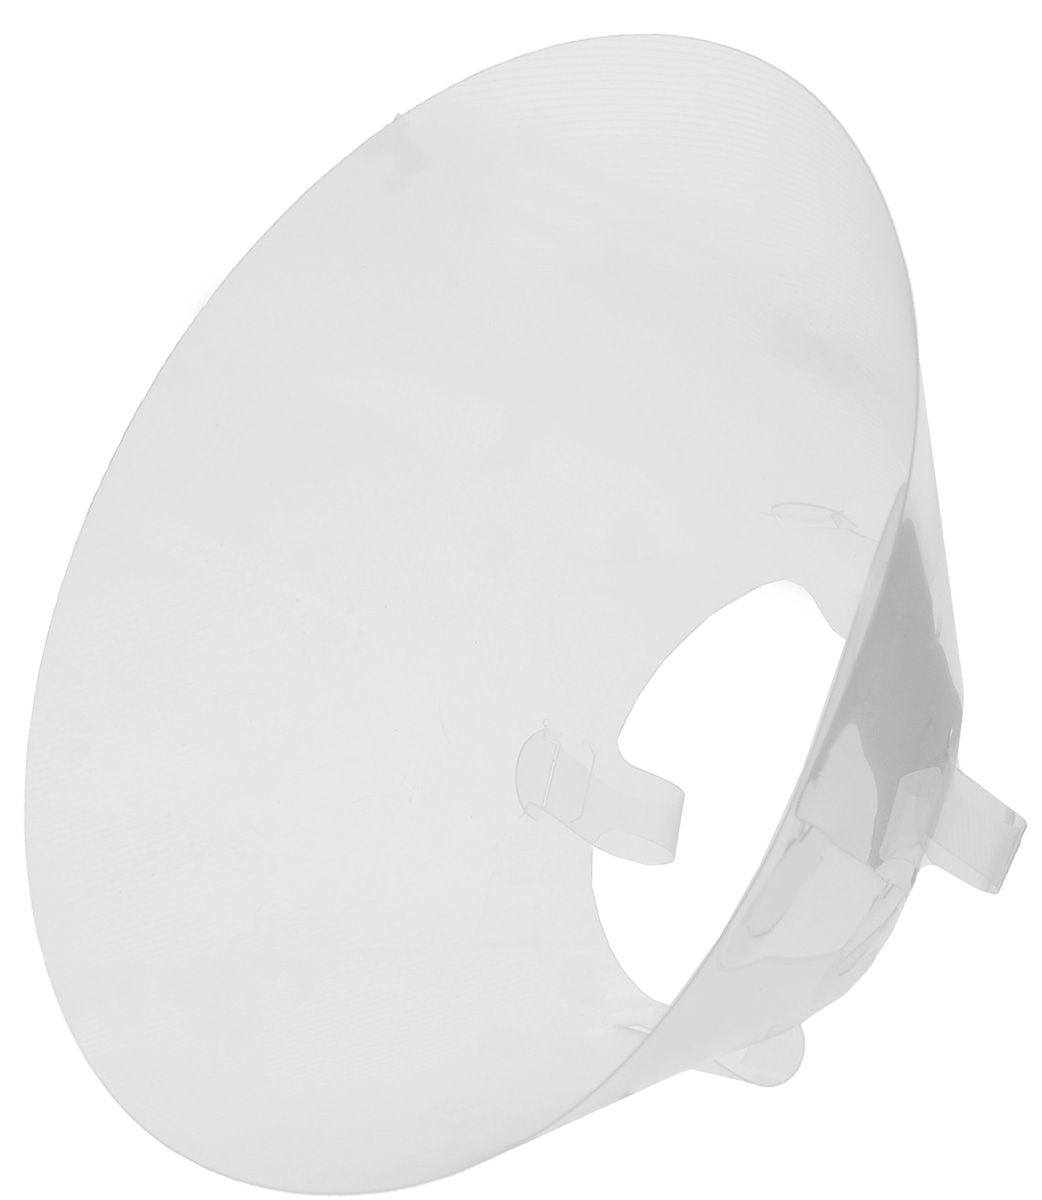 Воротник защитный Талисмед, обхват шеи 28-33 см703983Защитный воротник Талисмед изготовлен из высококачественного нетоксичного пластика, который позволяет сохранять углы обзора для животного. Изделие разработано для ограничения доступа собаки к заживающей ране или послеоперационному шву. Простота в эксплуатации позволяет хозяевам самостоятельно одевать и снимать защитный воротник с собаки. Обхват шеи: 28-33 см.Высота воротника: 12,5 см.